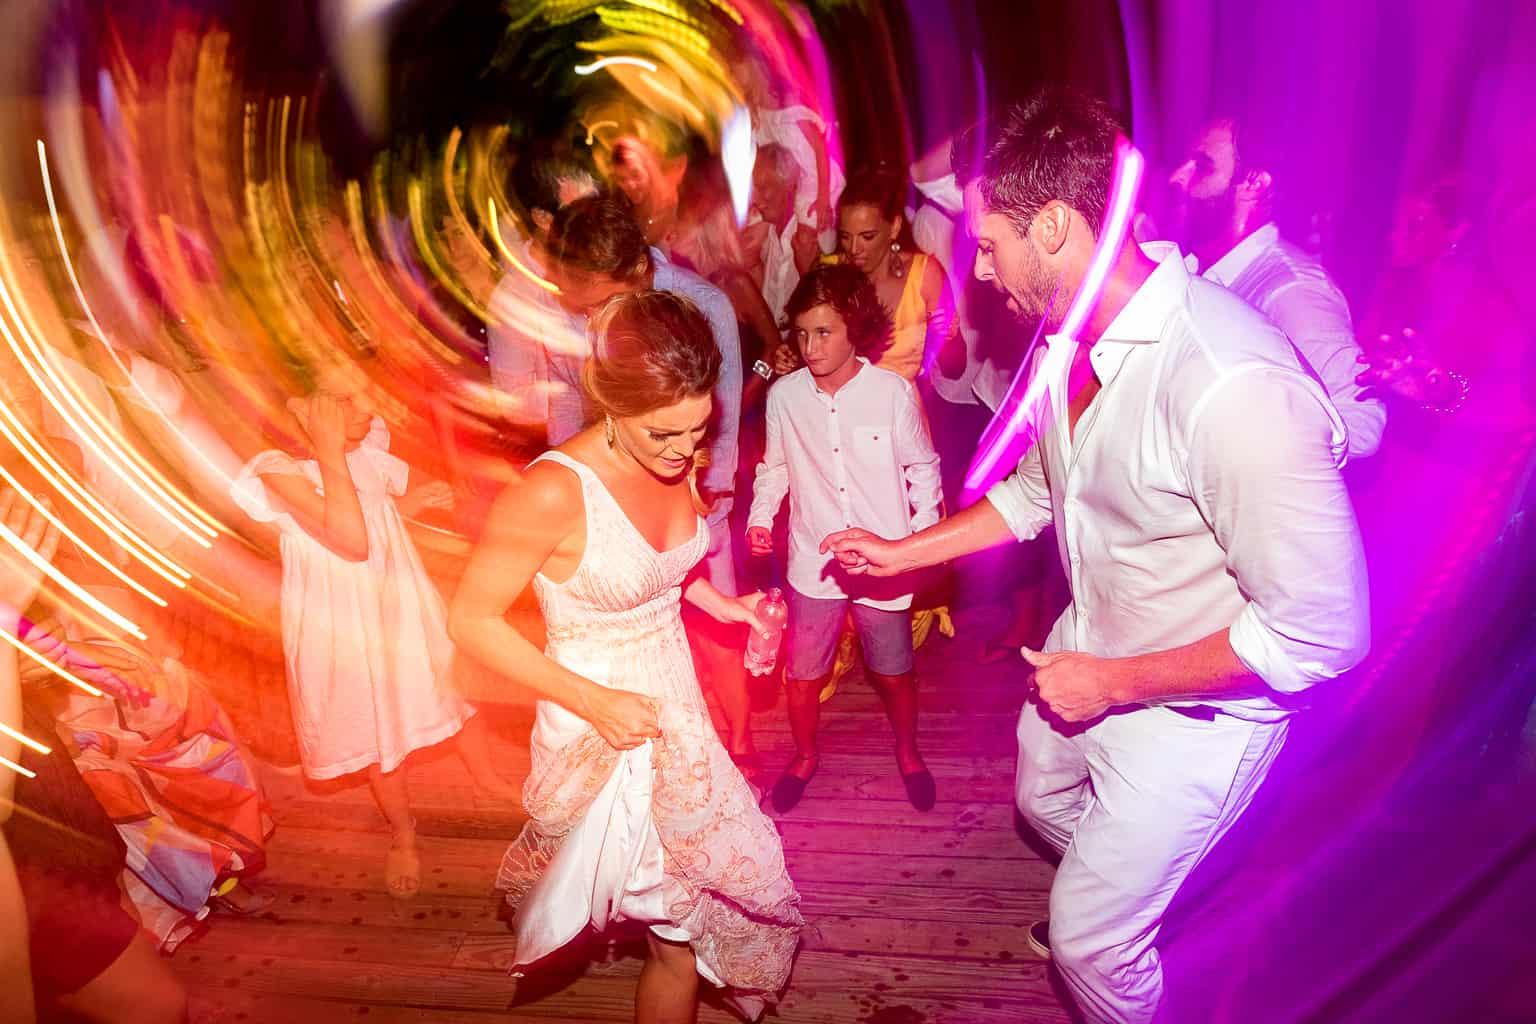 Casamento-Victoria-e-Christian-Fotografia-Tiago-Saldanha-Festa781_MG_3167